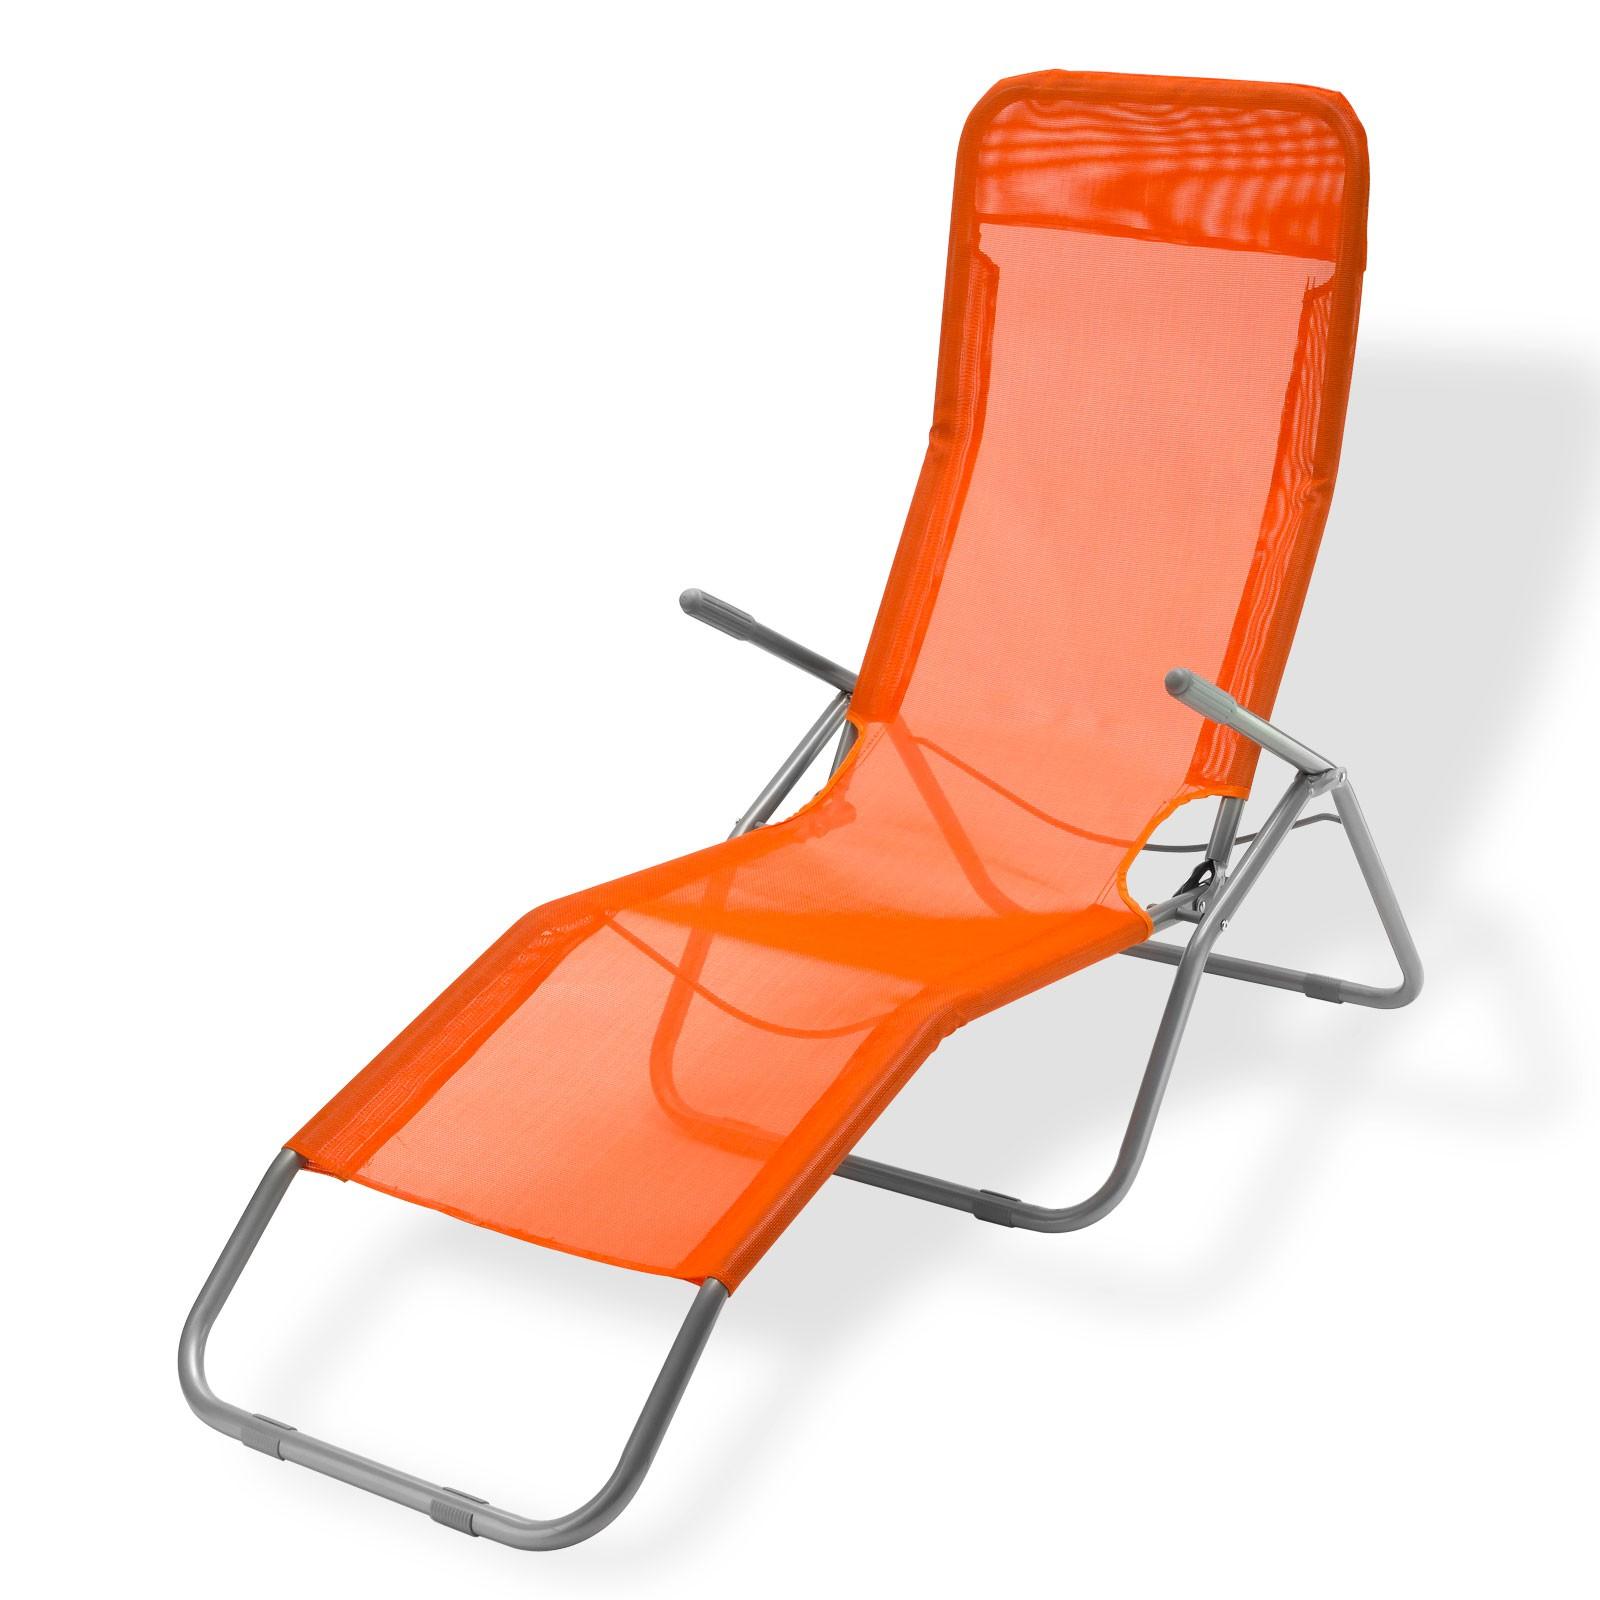 Dema Sonnenliege / Gartenliege Virginia Beach orange Relaxliege 94027